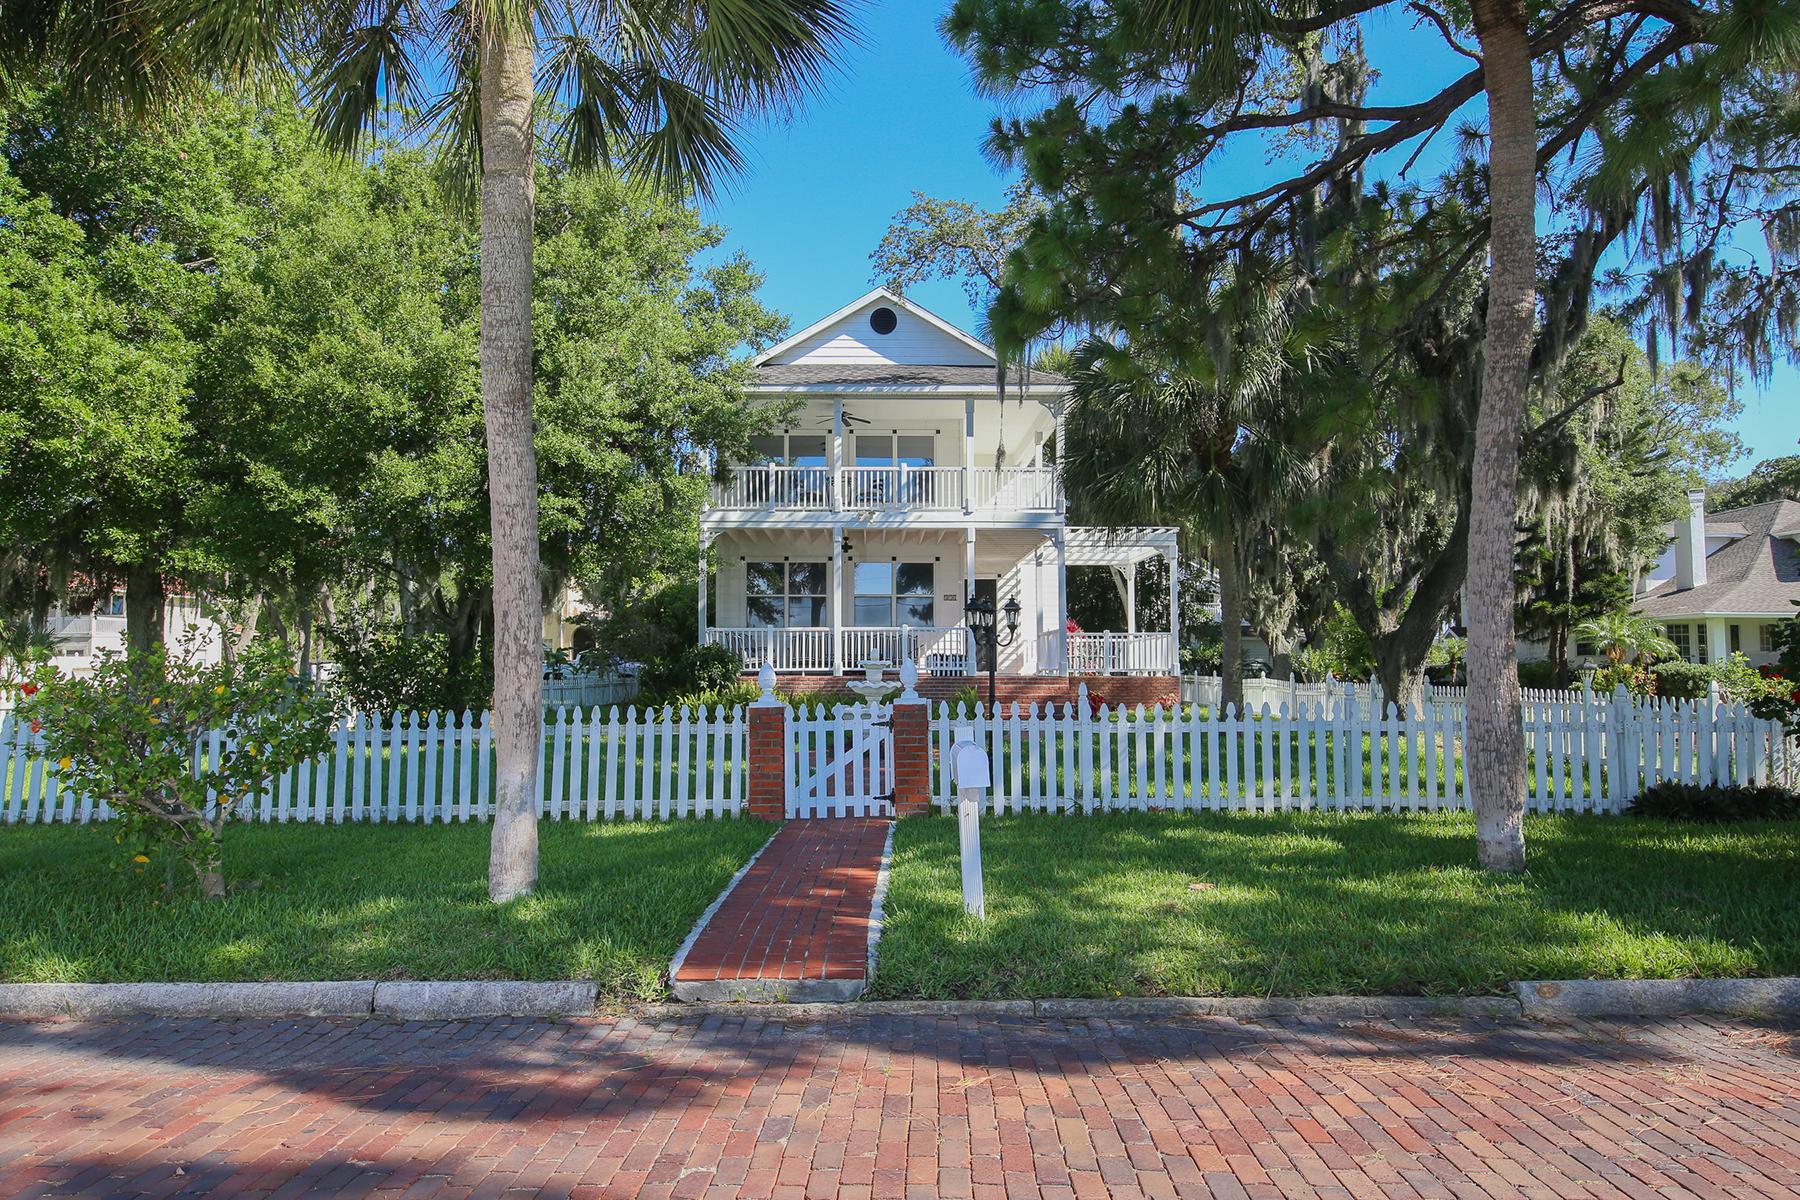 独户住宅 为 销售 在 LAUGHLIN ADD CTD 510 Riverside Dr 帕尔梅托, 佛罗里达州, 34221 美国